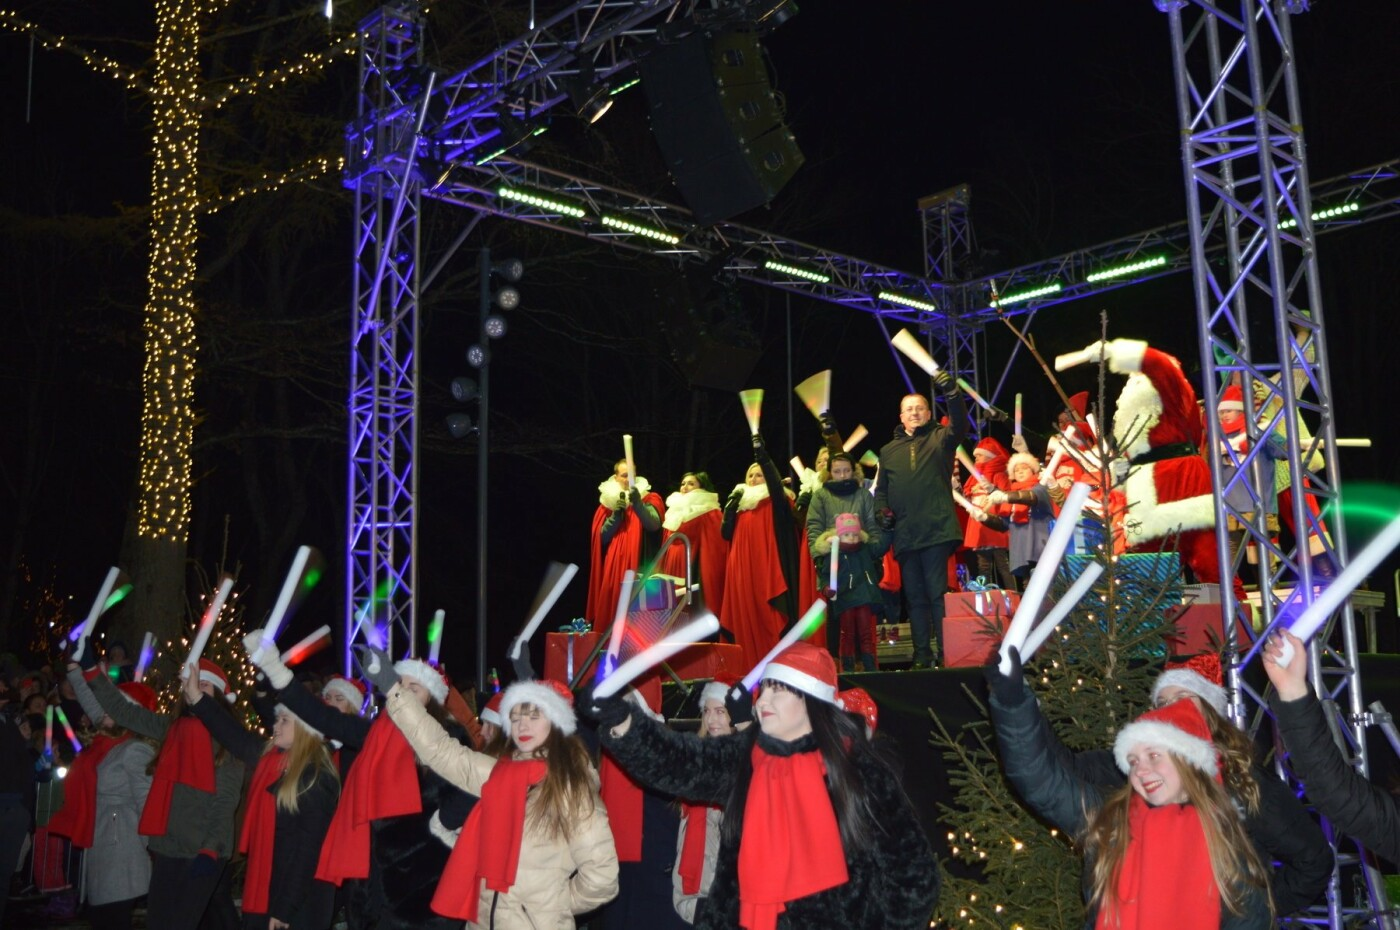 Palanga įžiebė eglę ir suspindo tūkstančiais kalėdinių šviesų, nuotrauka-72